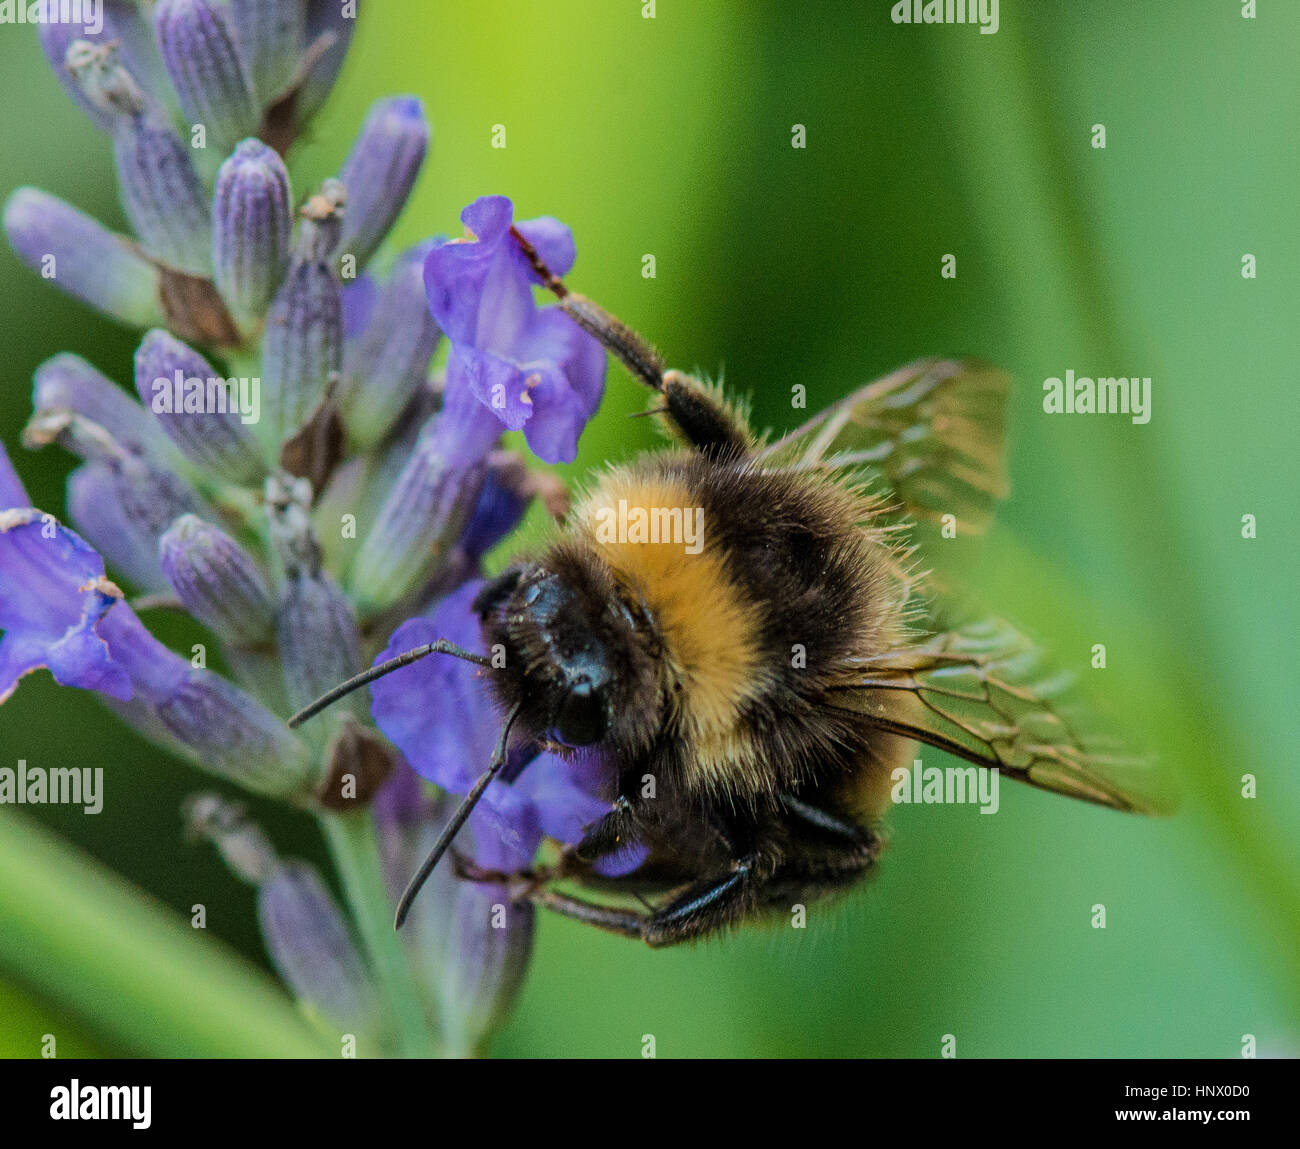 Bumble Bee Pollen sammeln aus dem Garten Blume Stockbild